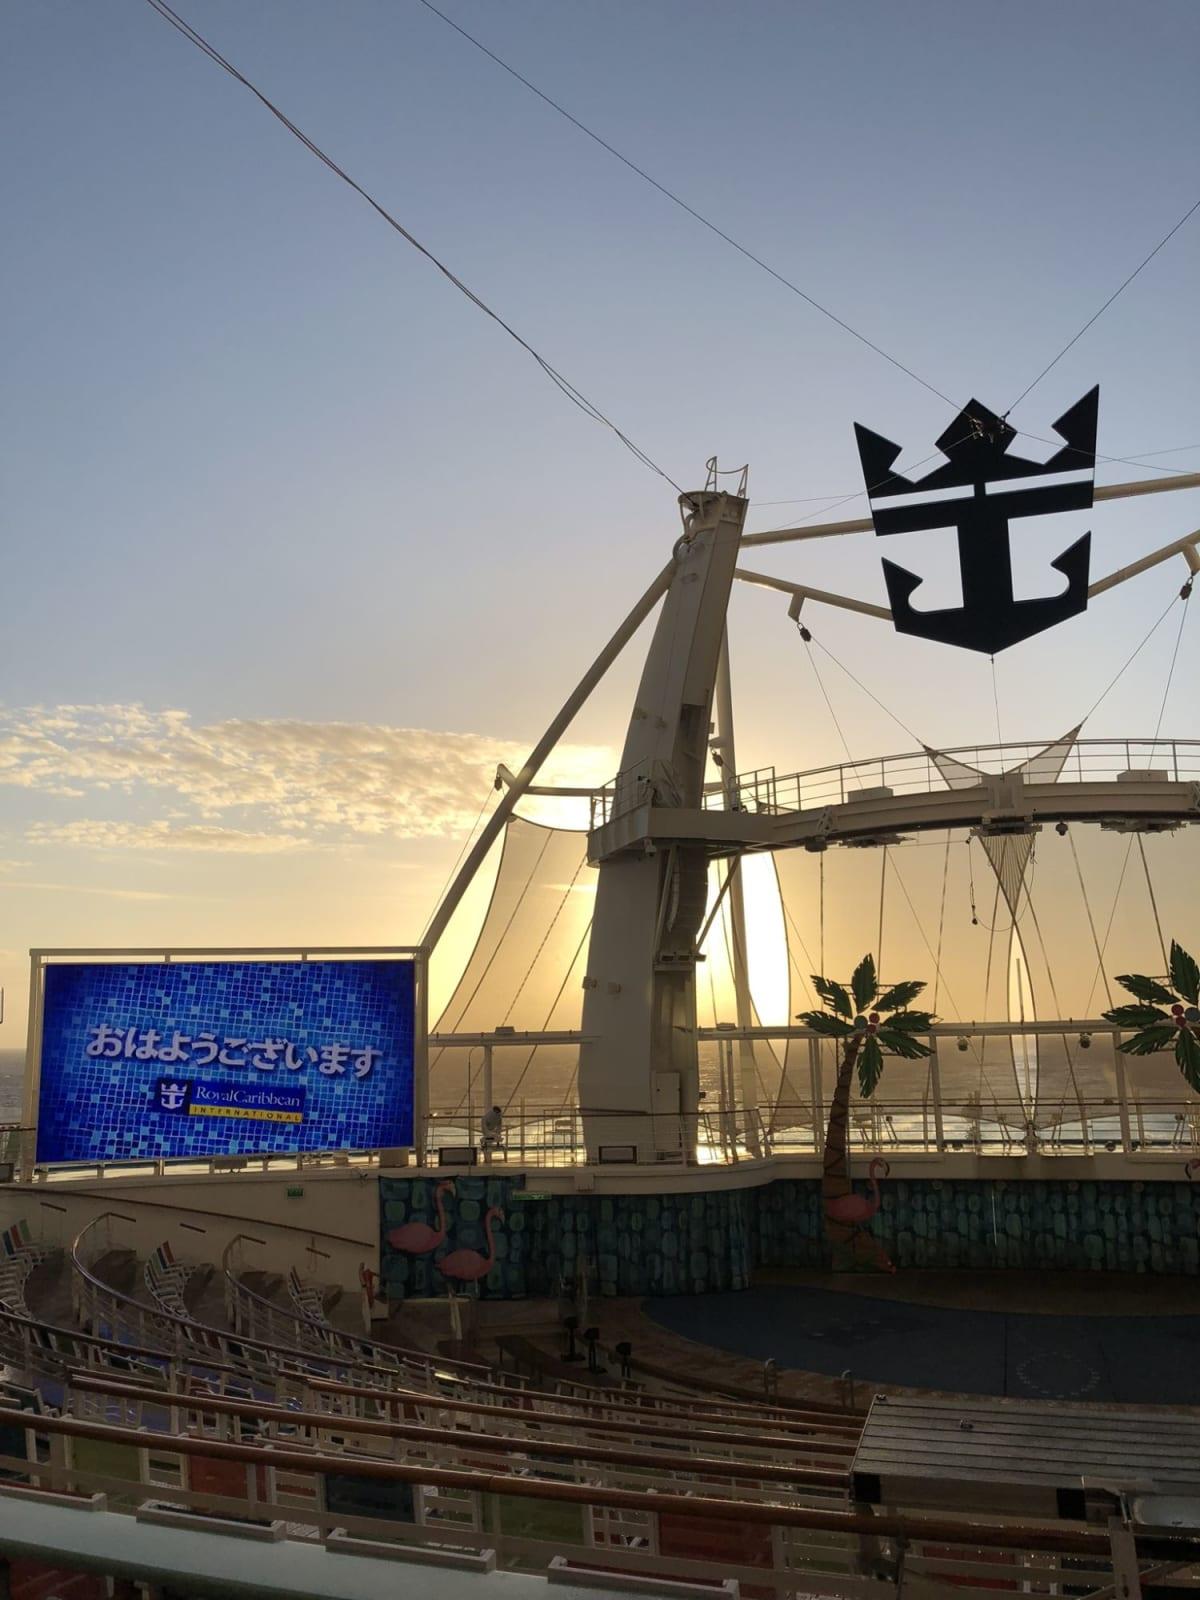 朝のアクアシアタ―。日本語での挨拶が表示されていました。   客船ハーモニー・オブ・ザ・シーズの外観、船内施設